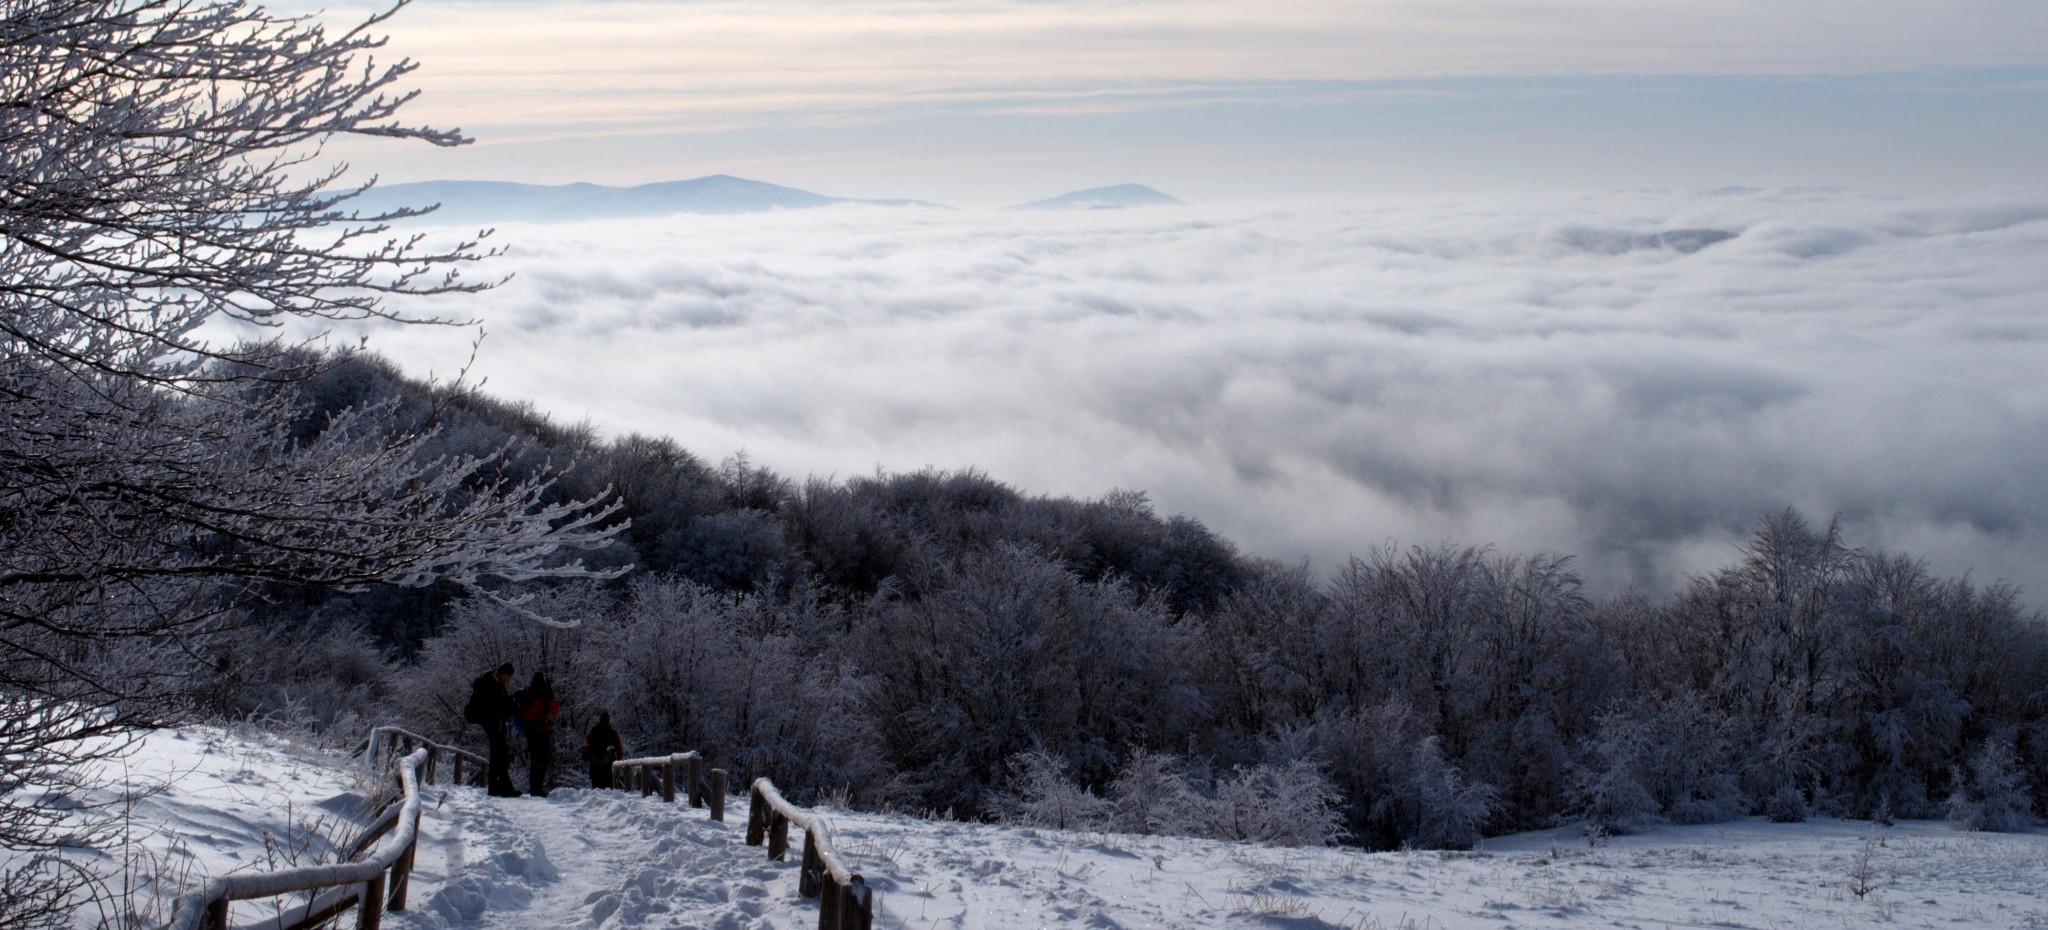 BIESZCZADY: Otulona mgłą Tarnica. Zjawiskowo! (ZDJĘCIA)